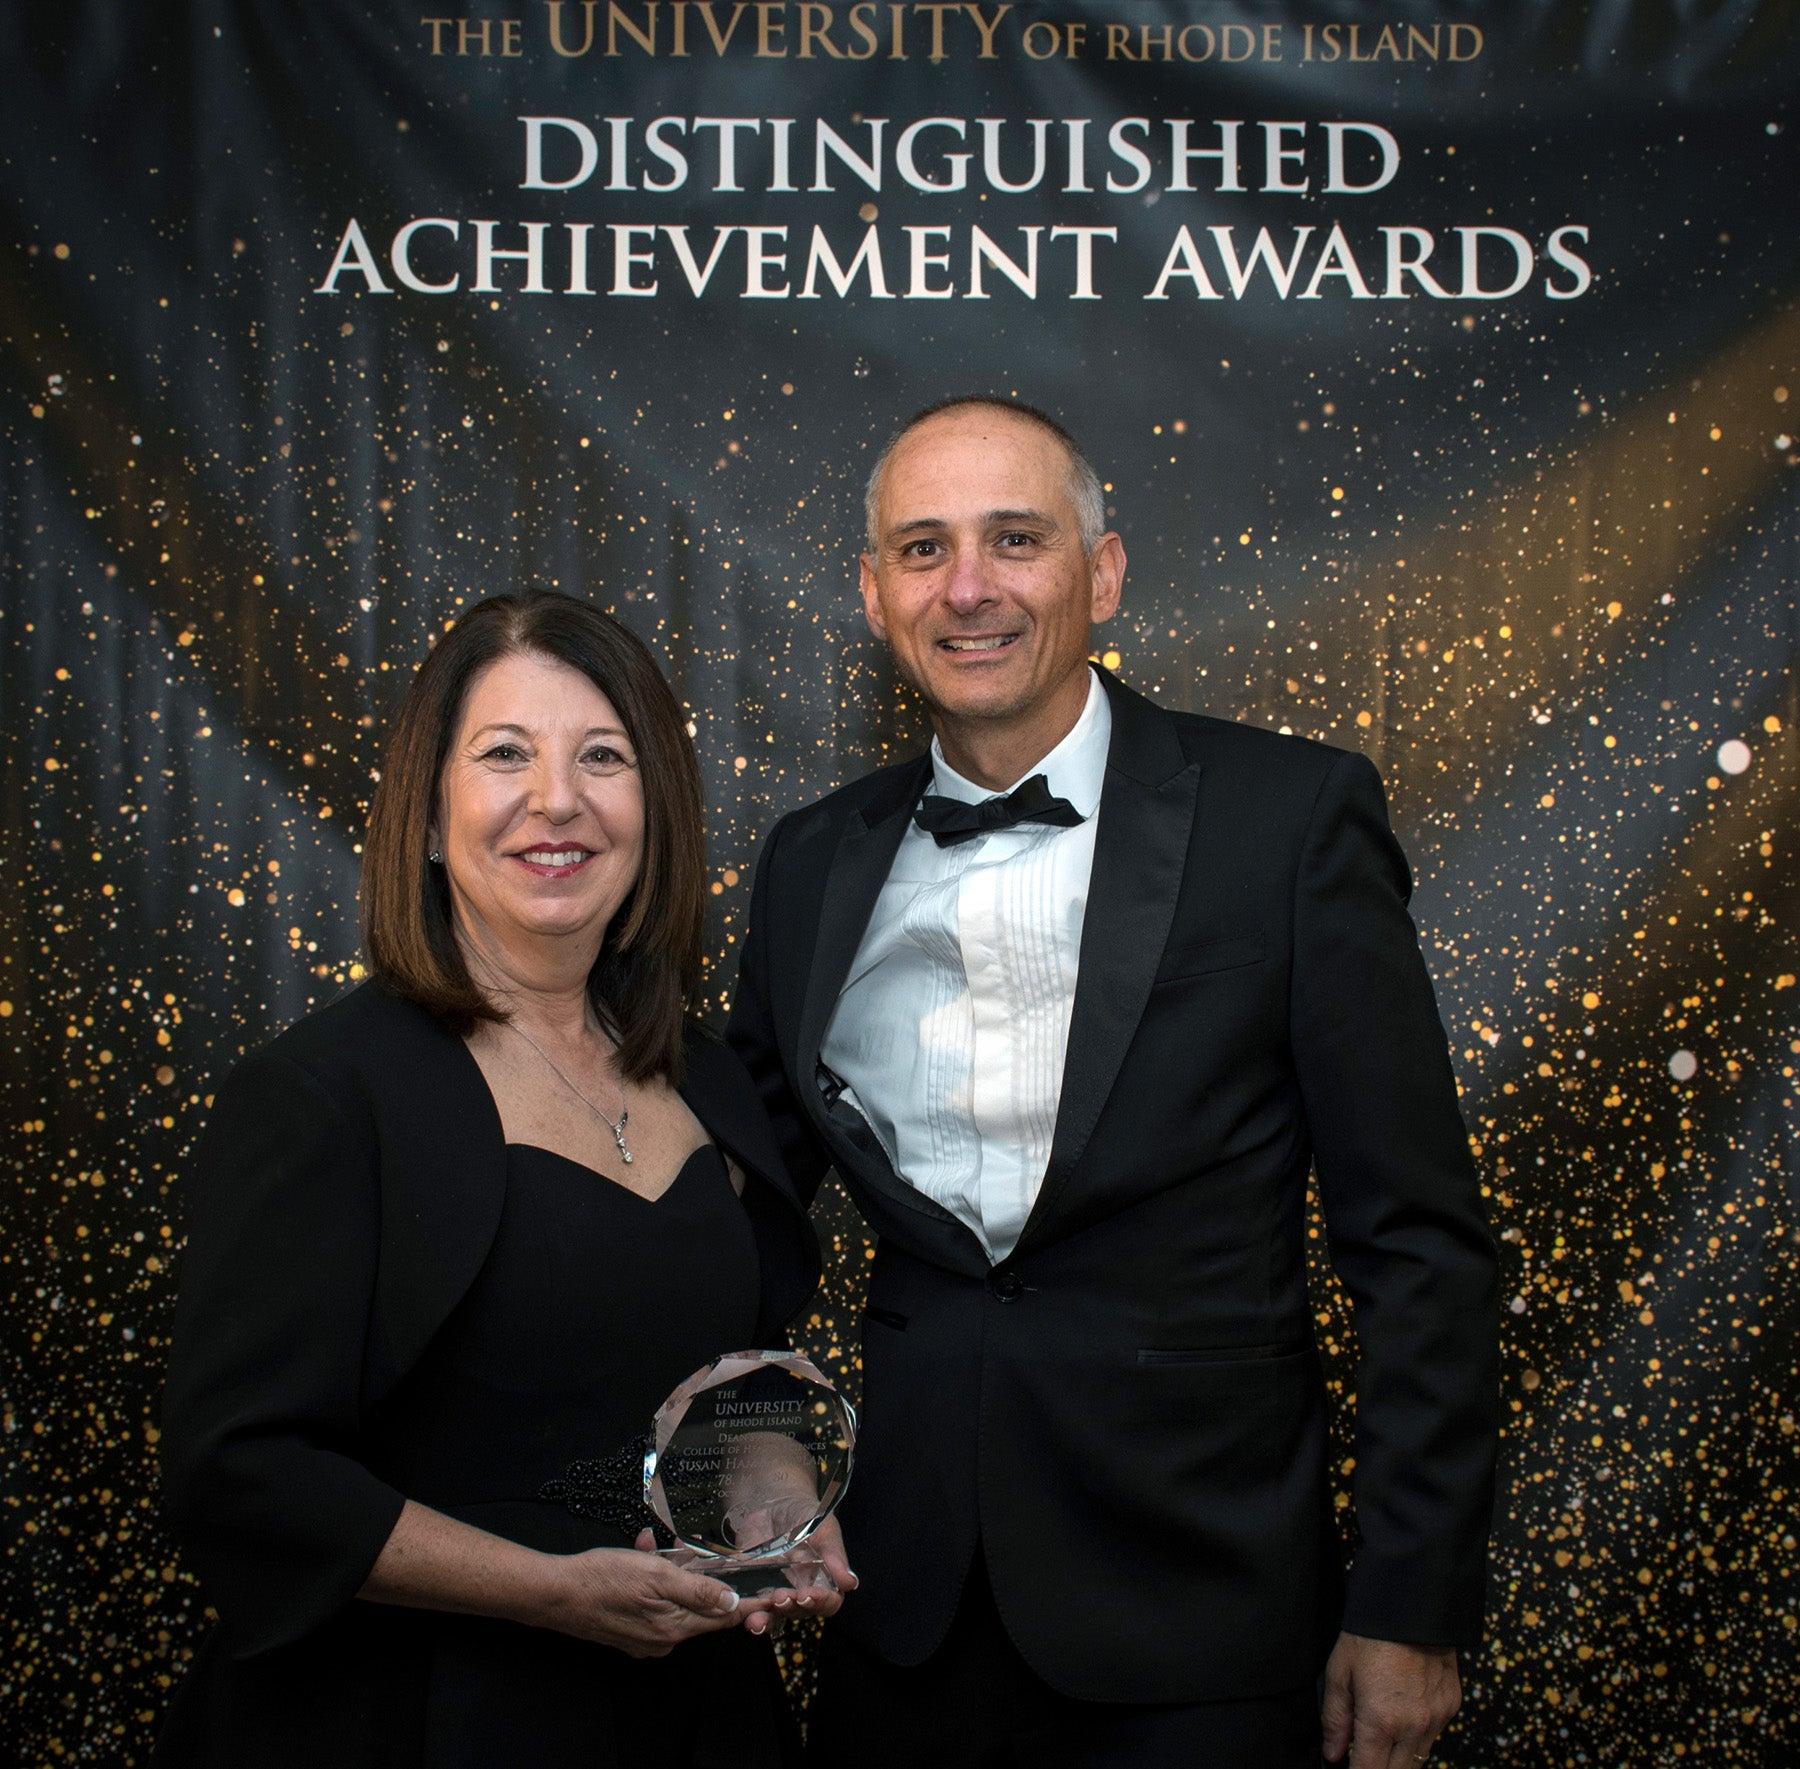 Susan Hamer Kaplan and Gary Liguori